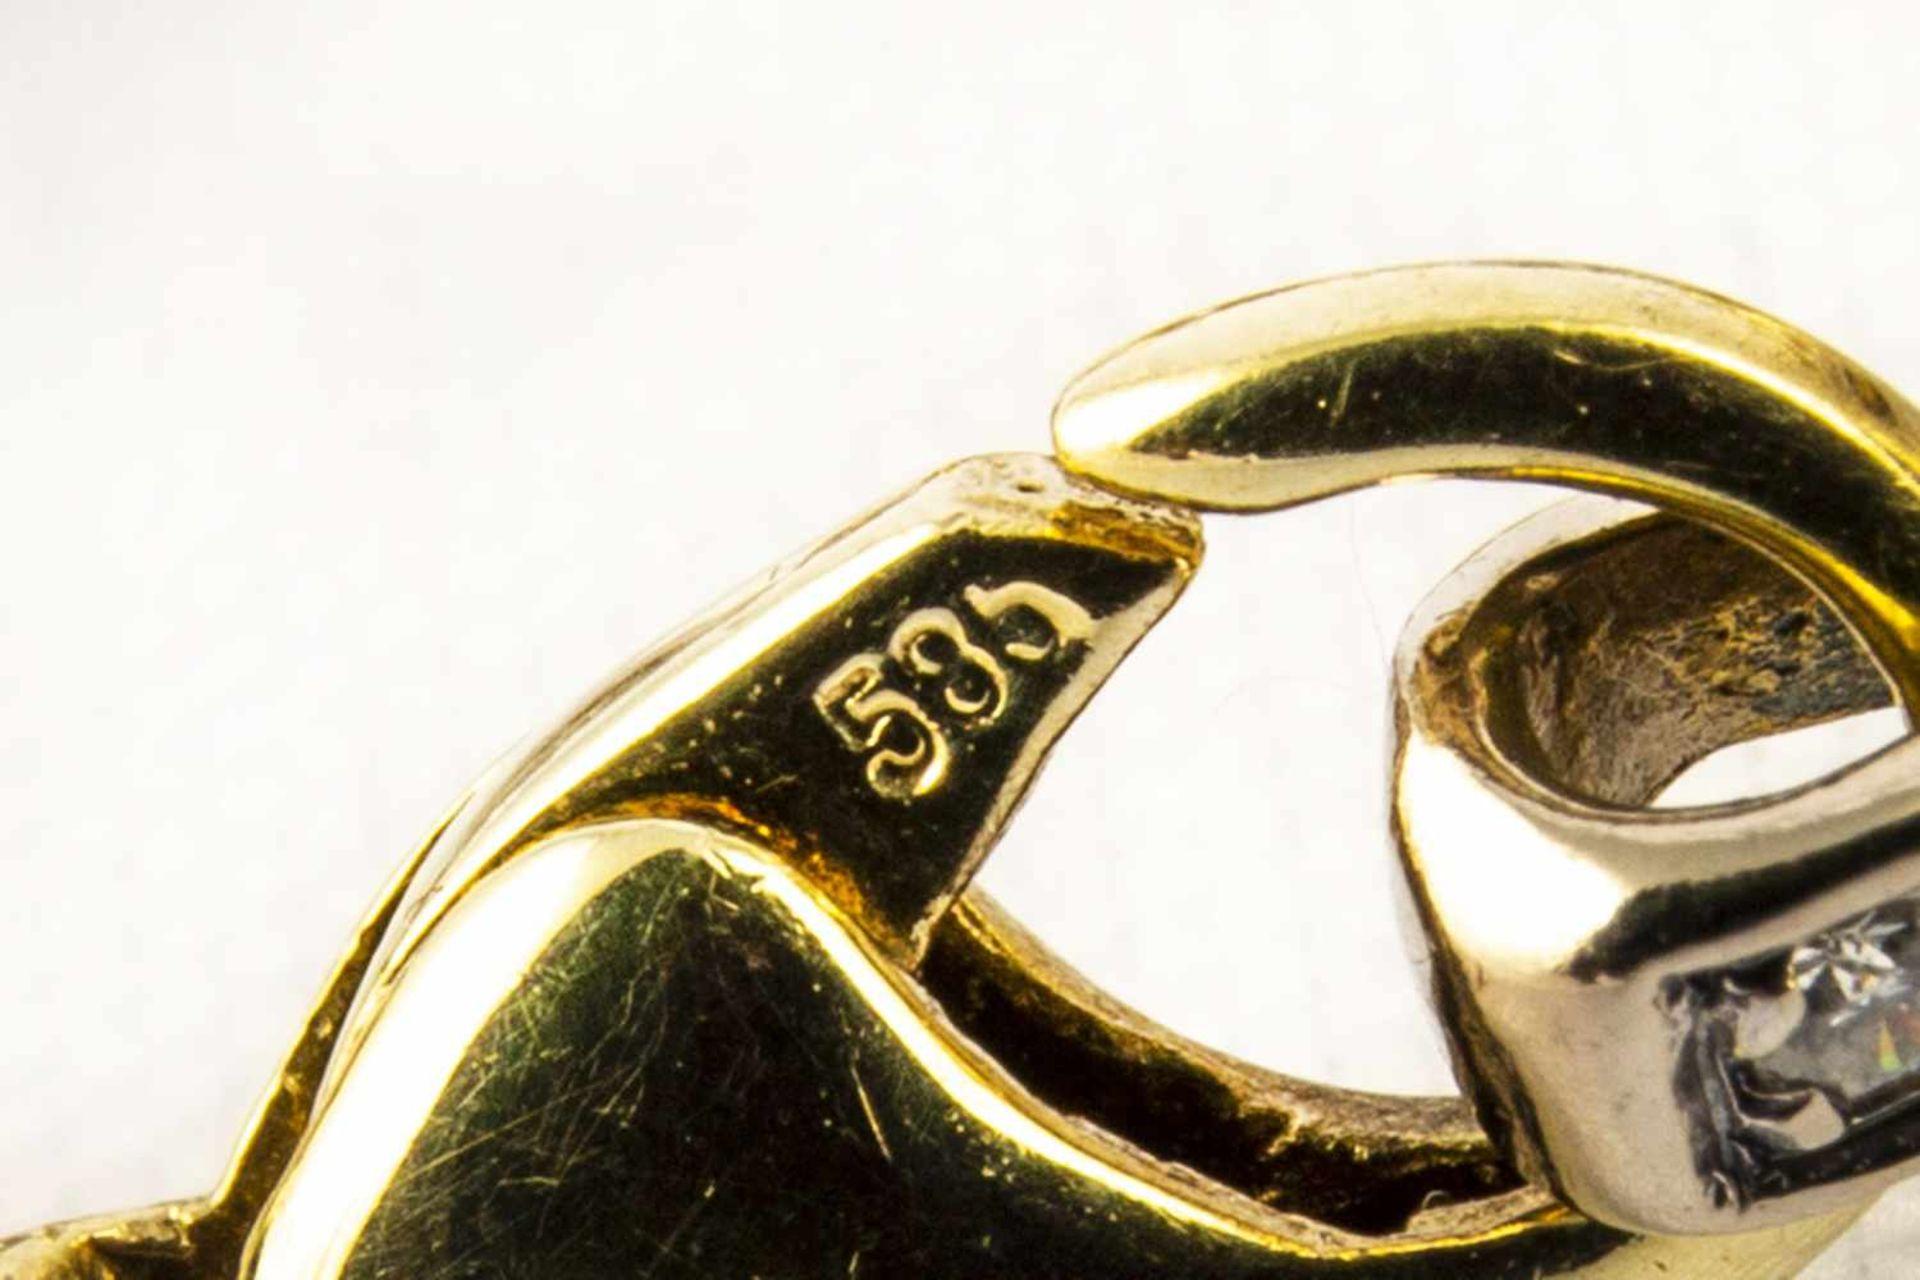 Los 1 - Tennis bracelet